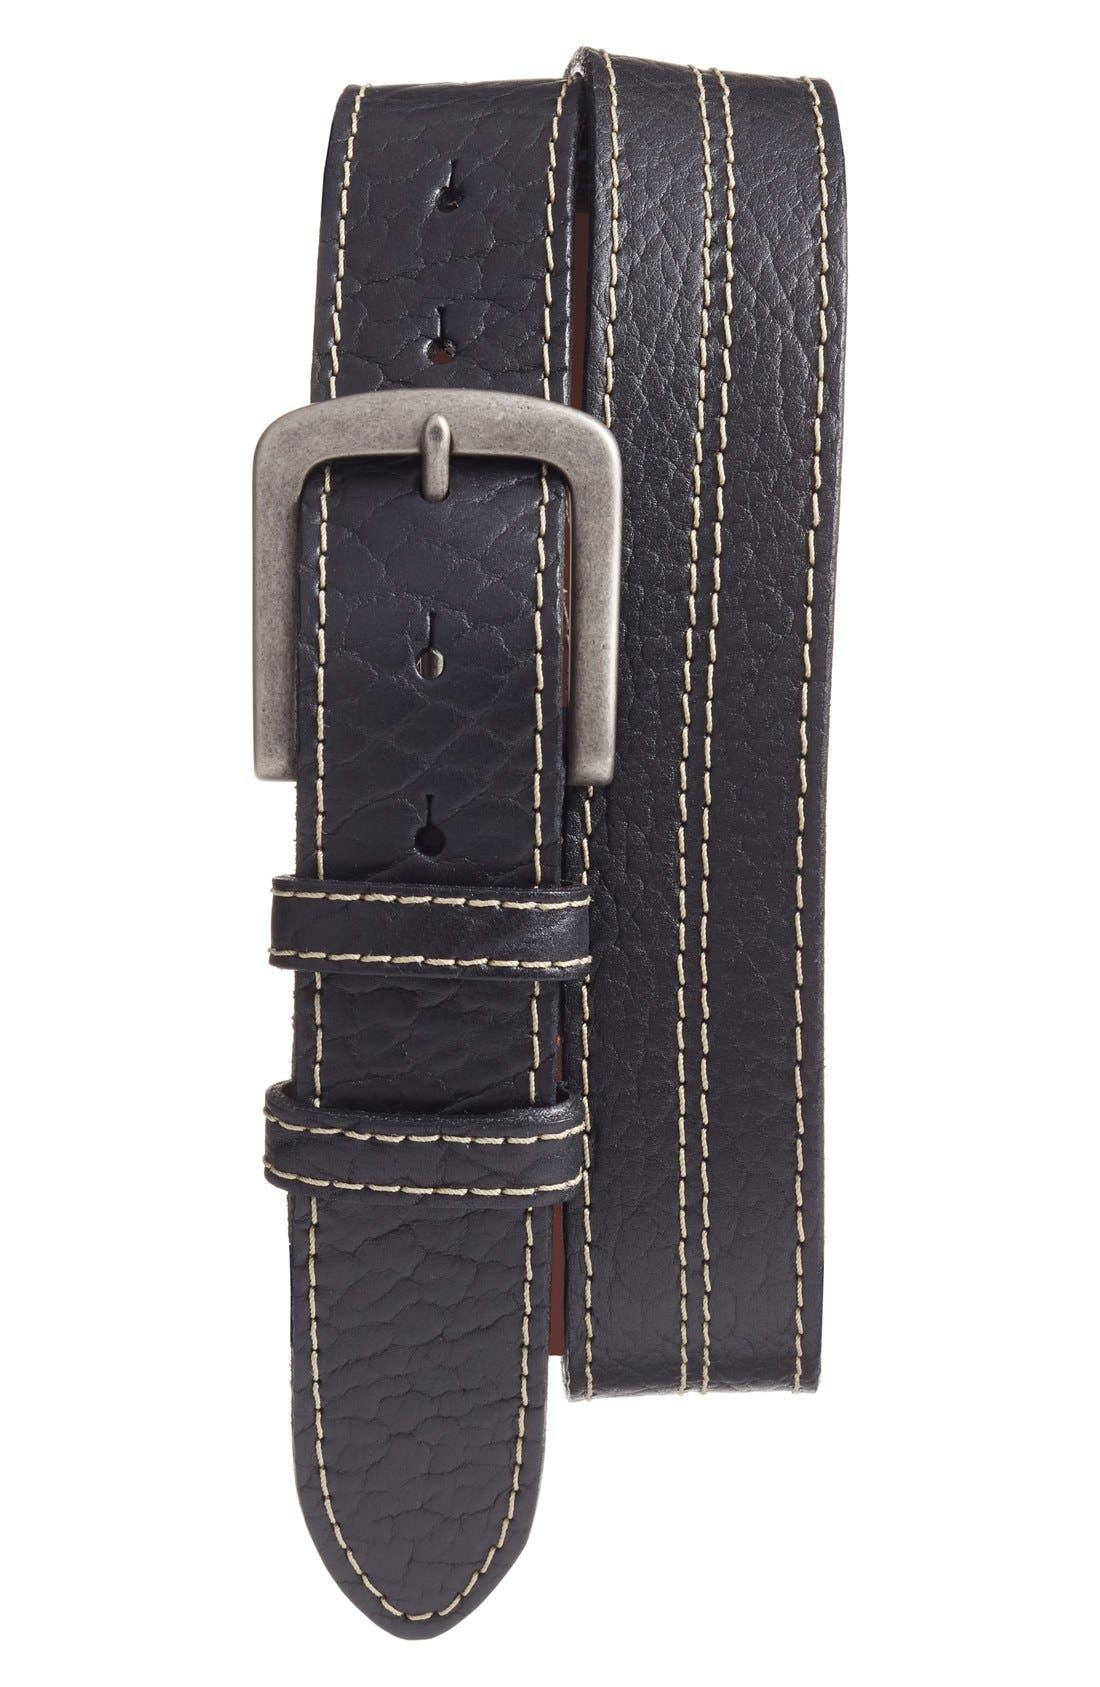 Alternate Image 1 Selected - Torino Belts Bison Leather Belt